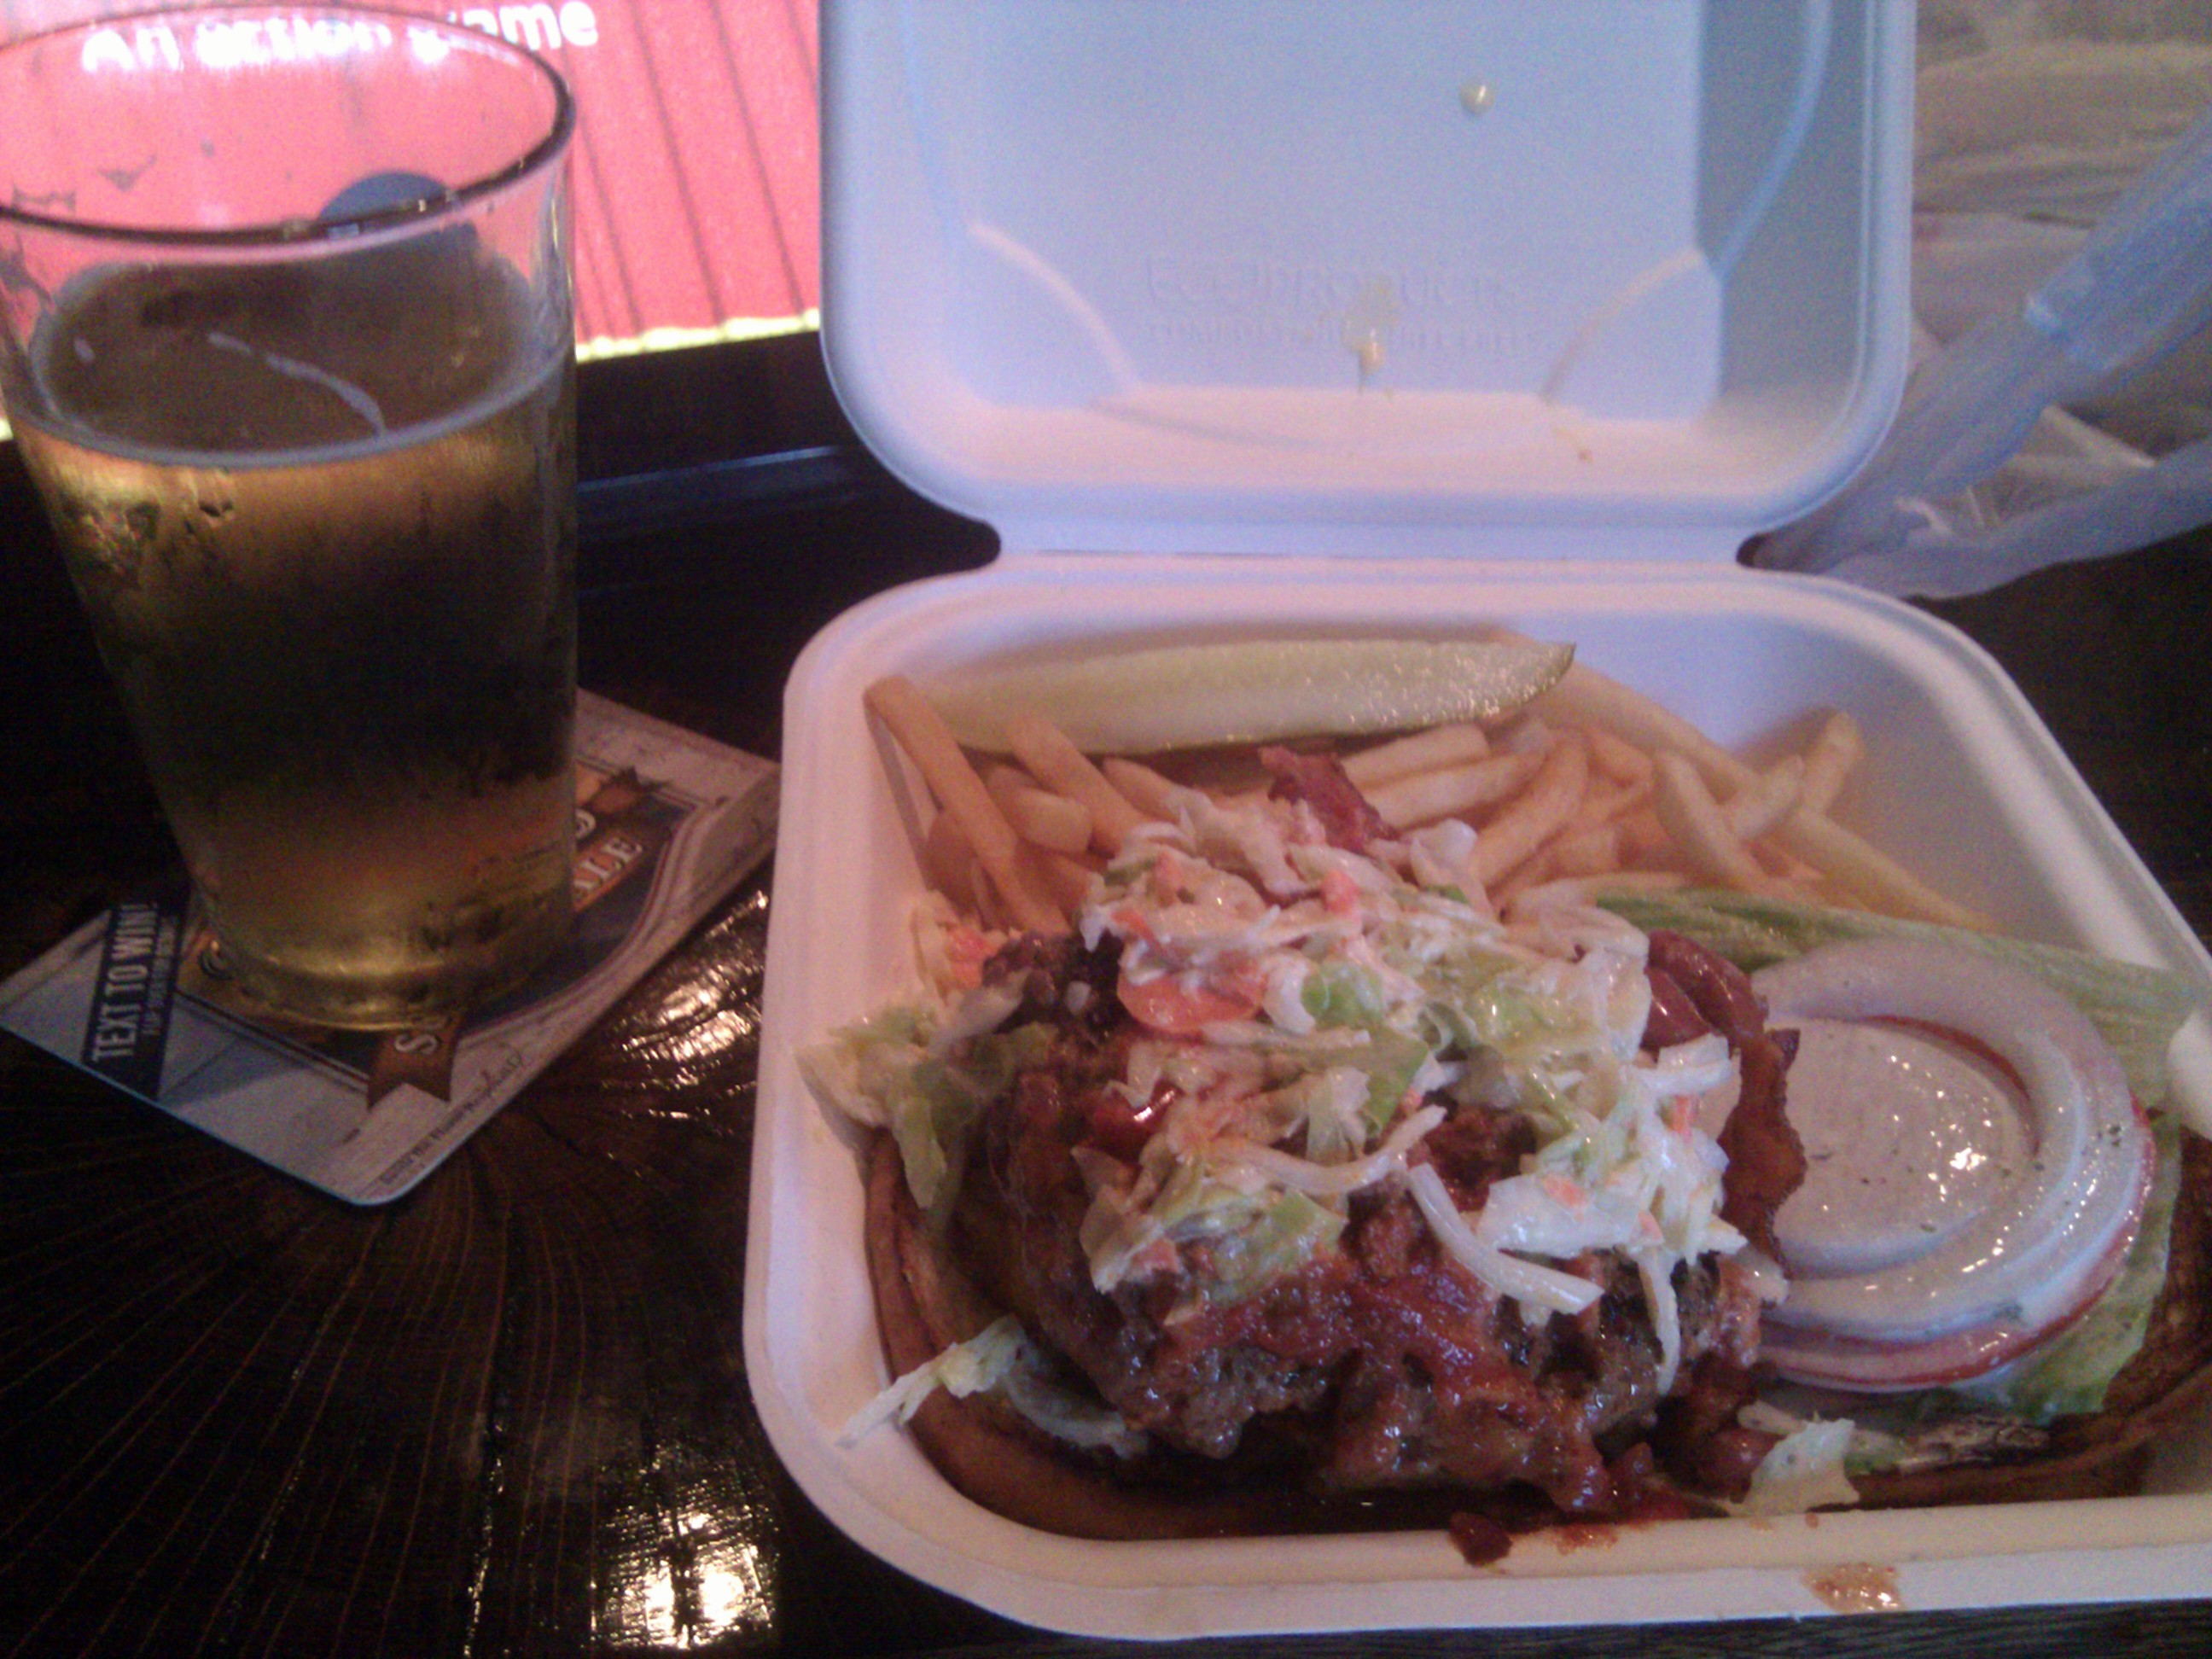 Gatehouse Tavern, Wake Forest, NC :: Cardiac Burger - fried Cheddar, onion rings, cole slaw, chili, Bacon... mmmmm... aptly named